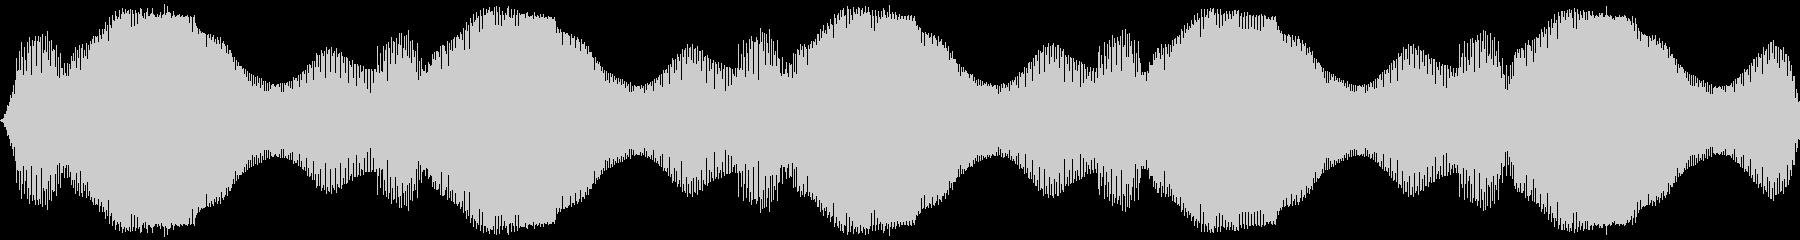 バイブ スマホ ブィン×5 早めの未再生の波形